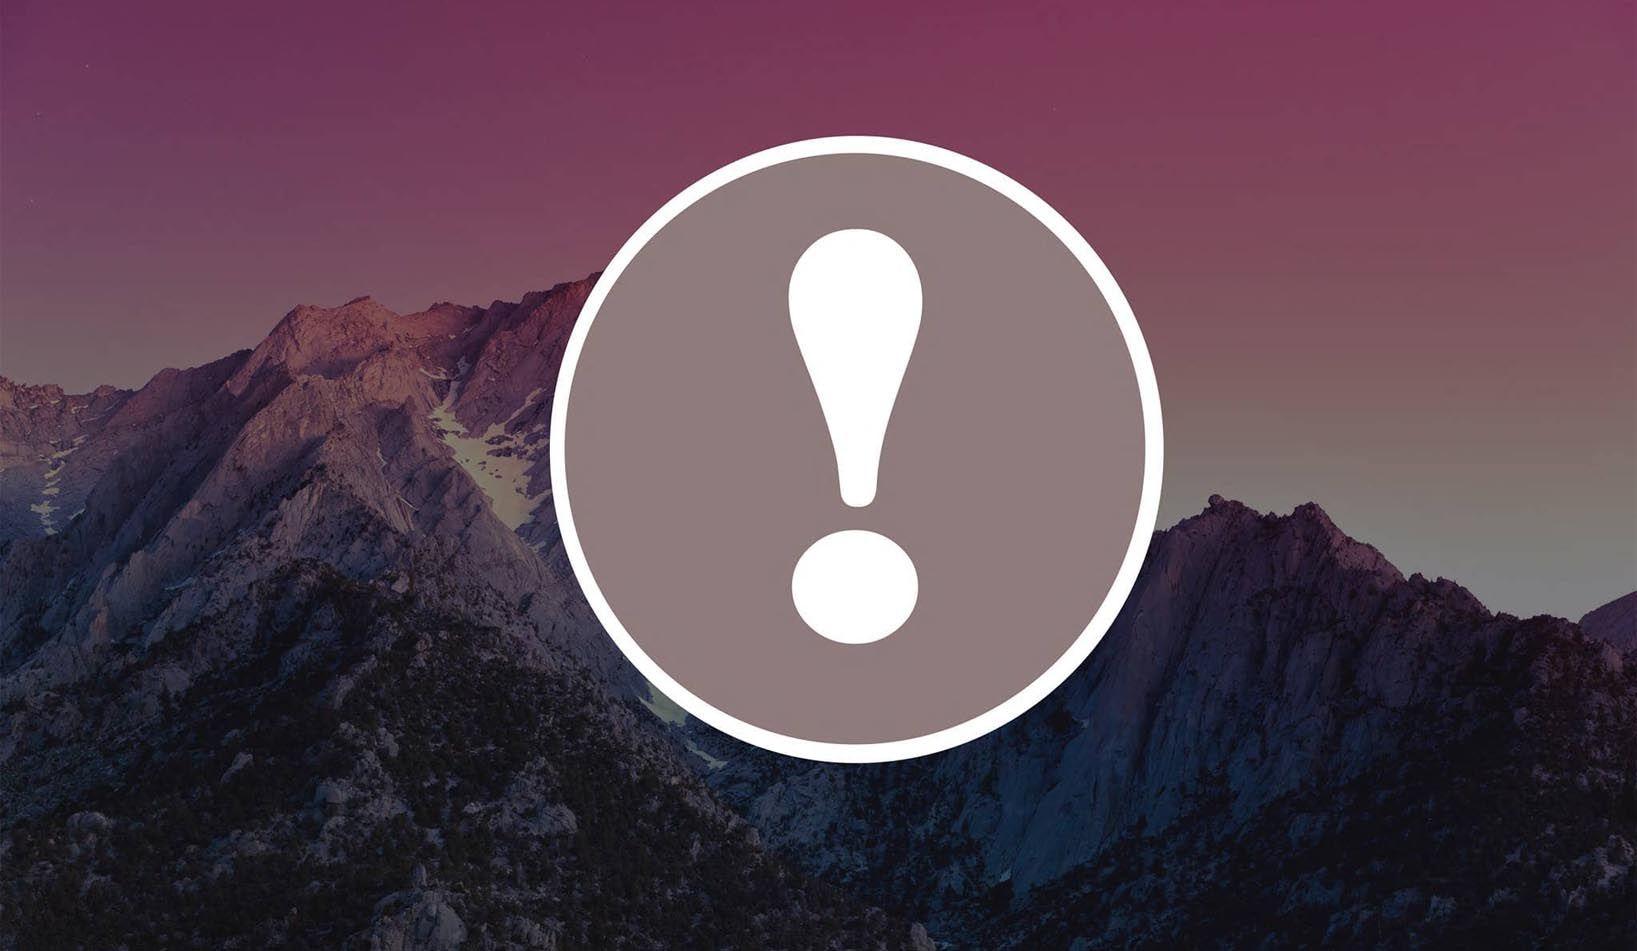 حل مشكلة علامة التعجب على الصور في الايفون والايباد Exclamation Mark Blurry Retail Logos